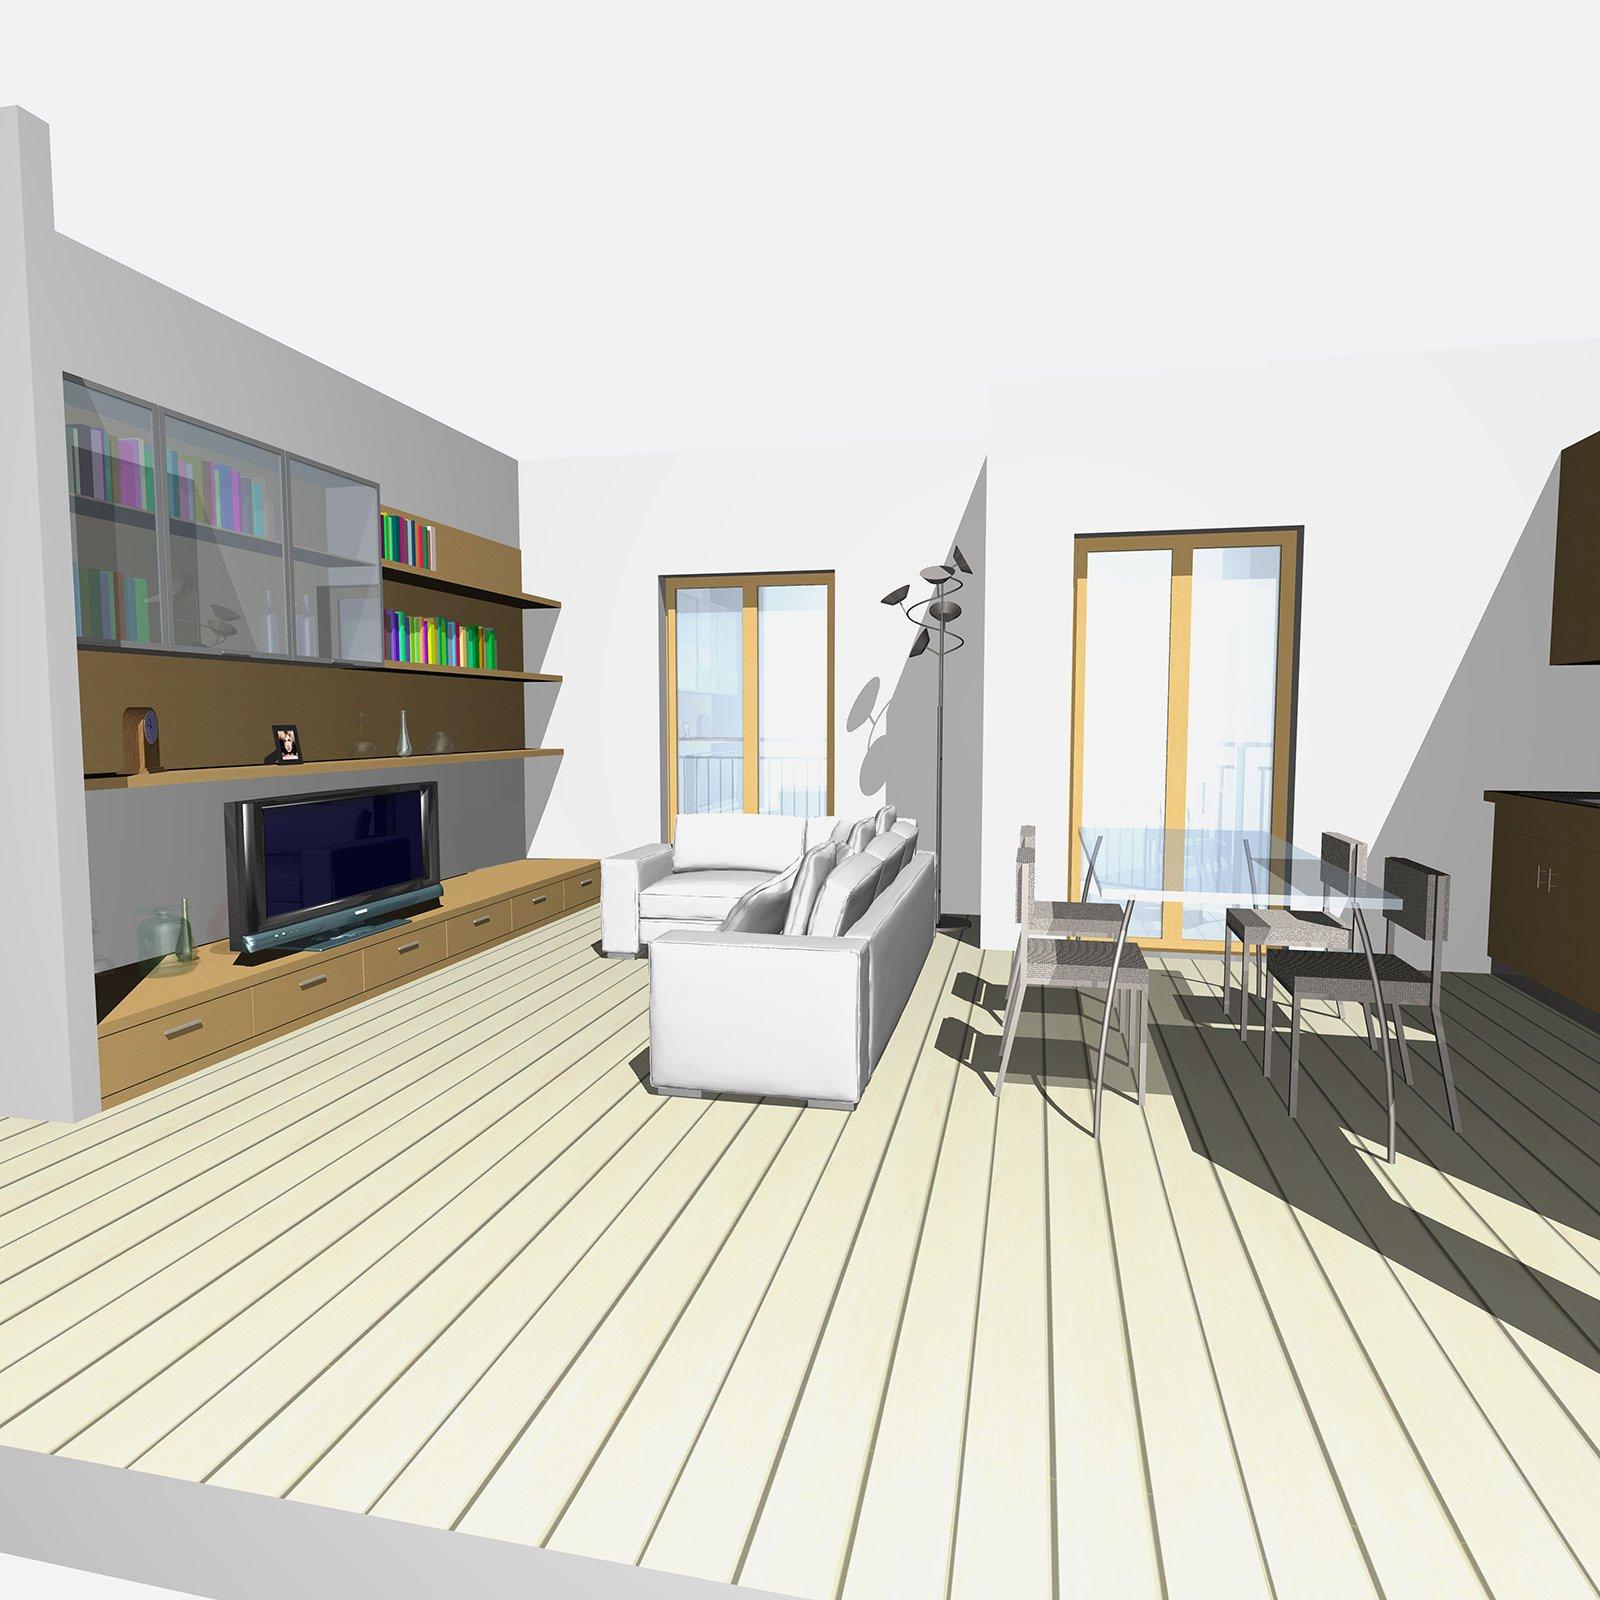 zona giorno open space e bagno più funzionale - cose di casa - Zona Giorno Open Space